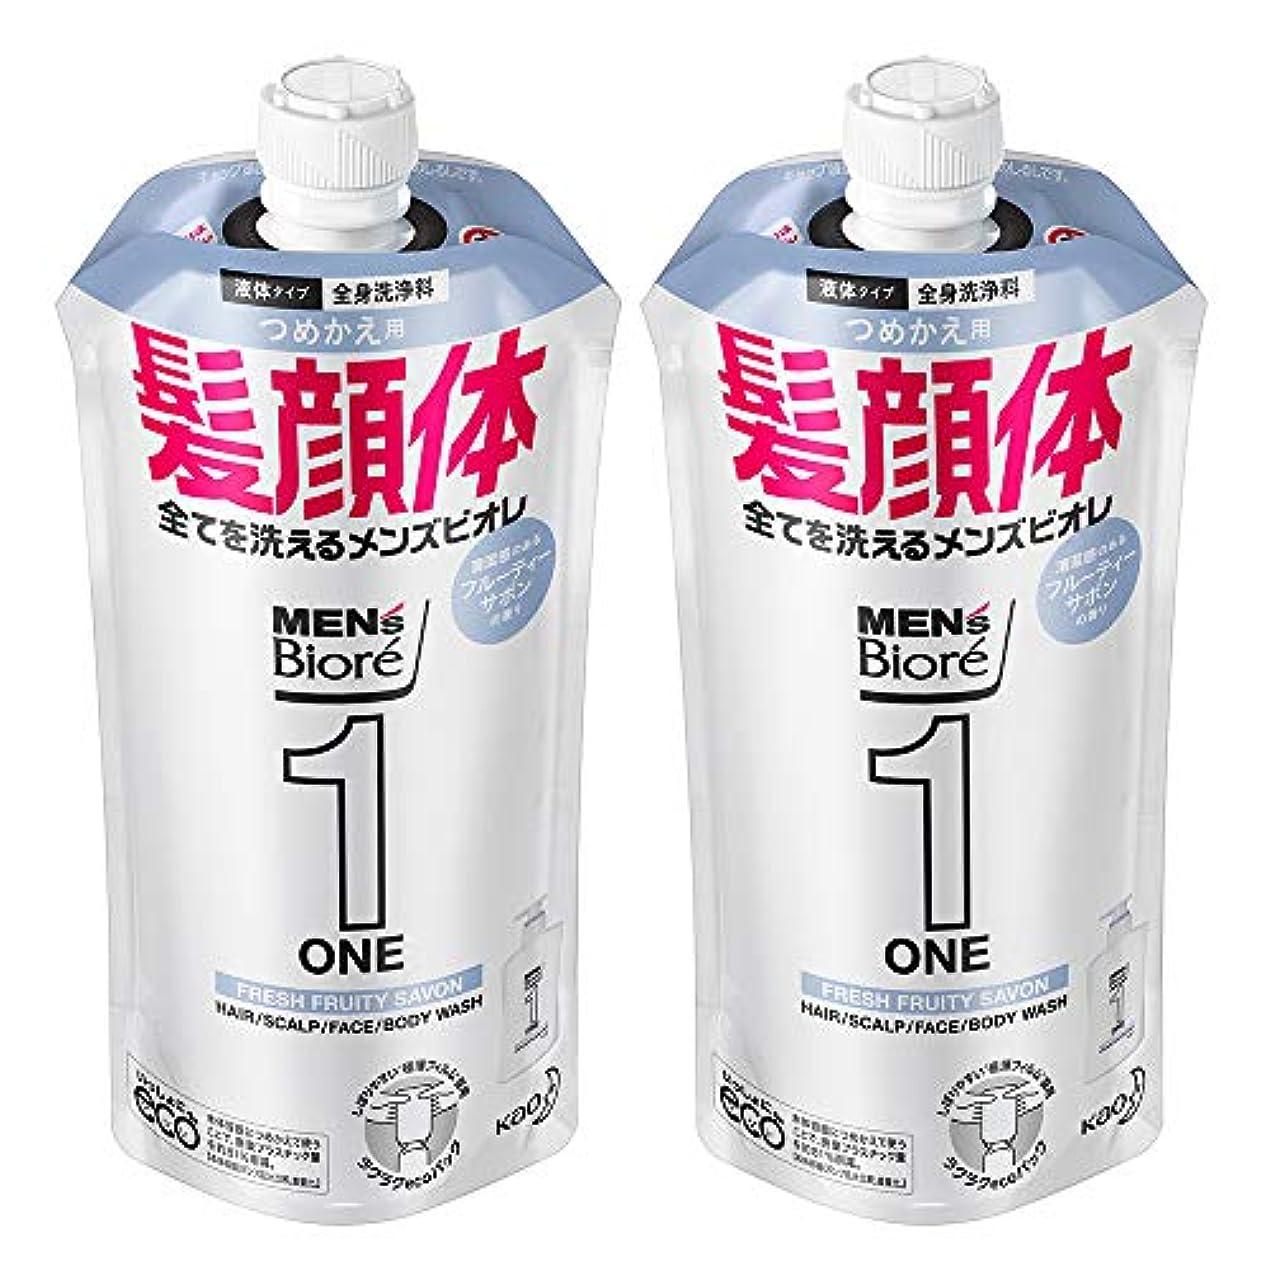 そのレイア偶然の【まとめ買い】メンズビオレ ONE オールインワン全身洗浄料 フルーティーサボンの香り つめかえ用 340ml×2個